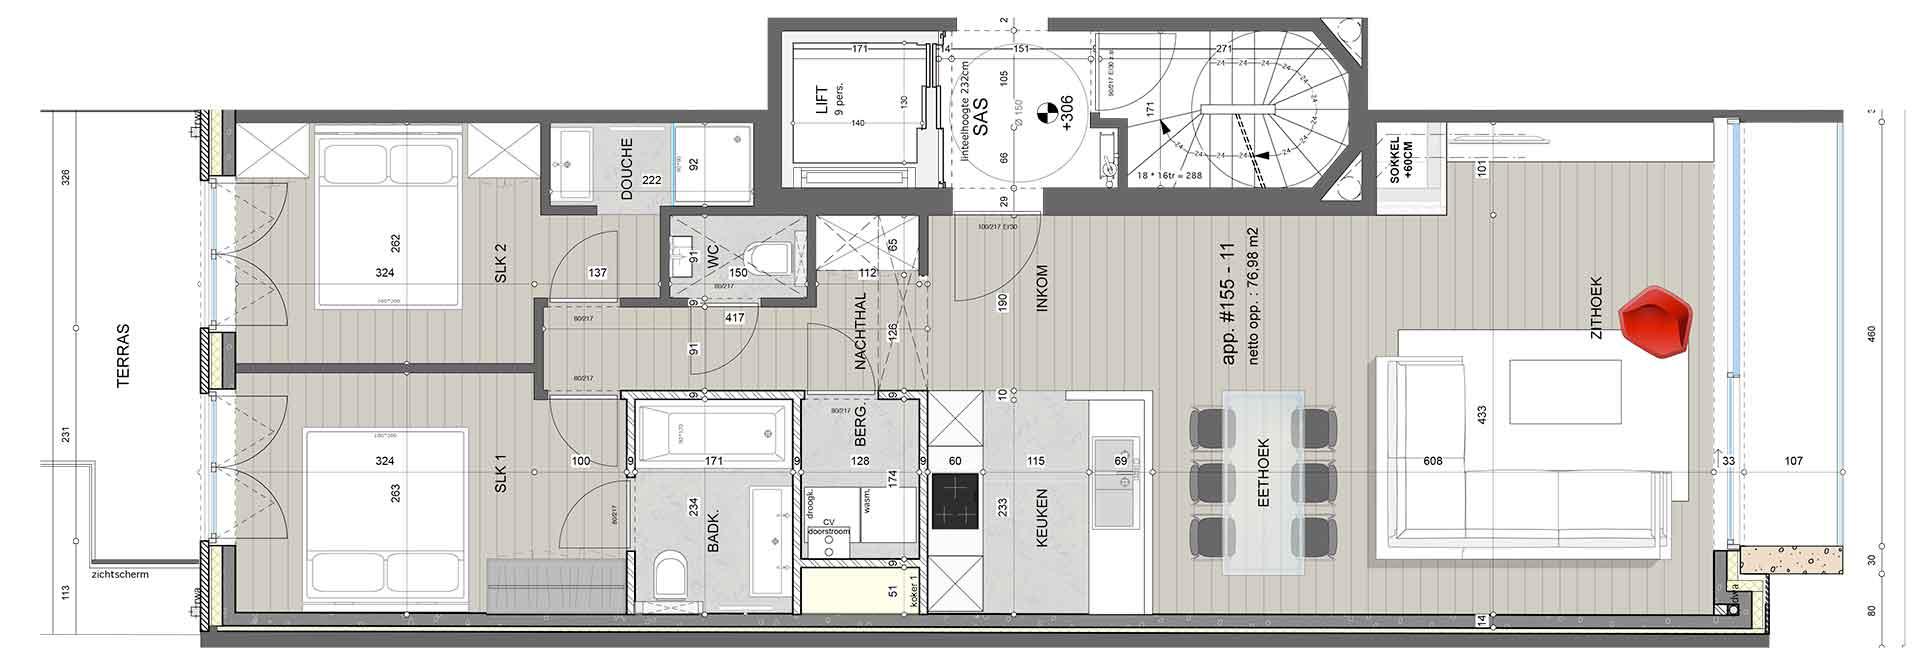 Residentie <br/> Fontana - image residentie-fontana-appartement-te-koop-knokke-plannen-155-11-1 on https://hoprom.be